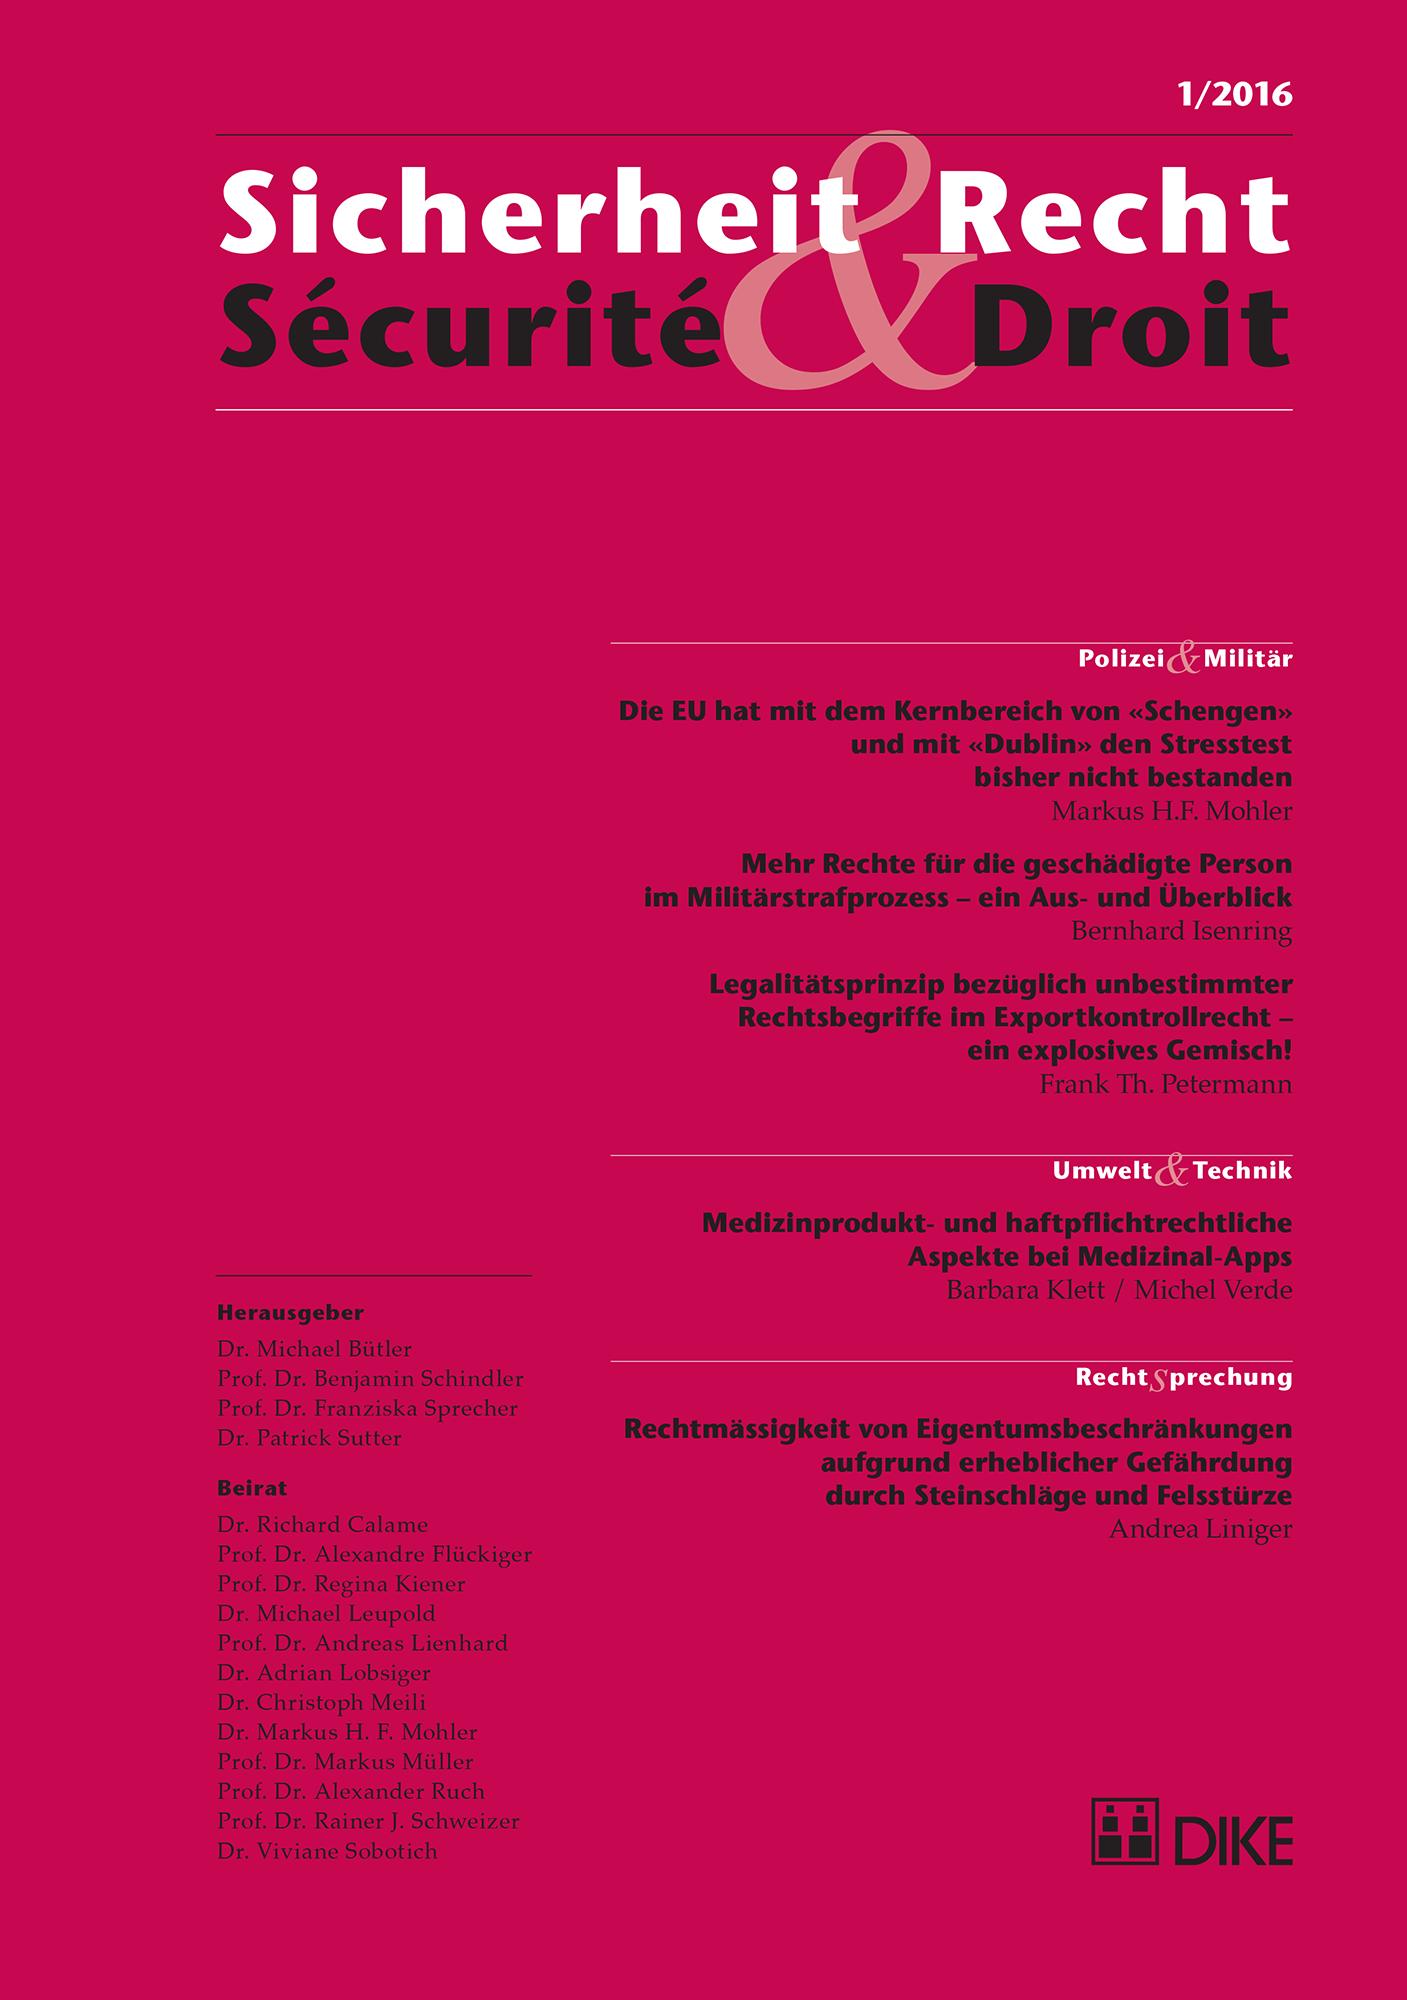 Sicherheit & Recht / Sécurité & Droit 01/2016